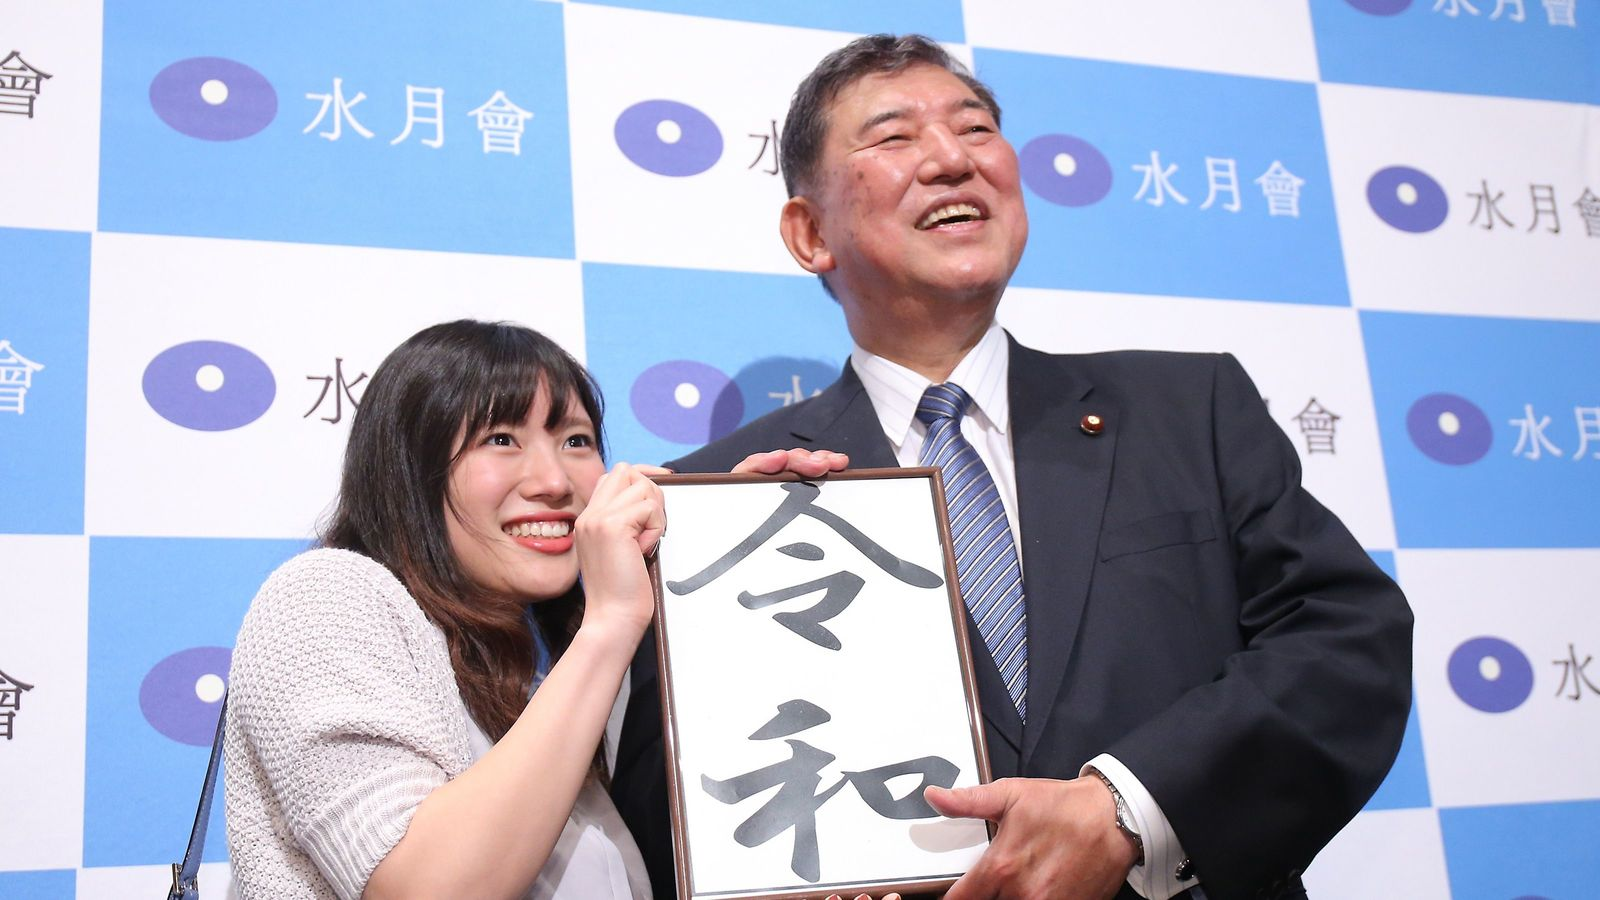 安倍氏が嫌うほど浮上する「石破首相」の現実味 「ポスト安倍」候補4人では勝てない